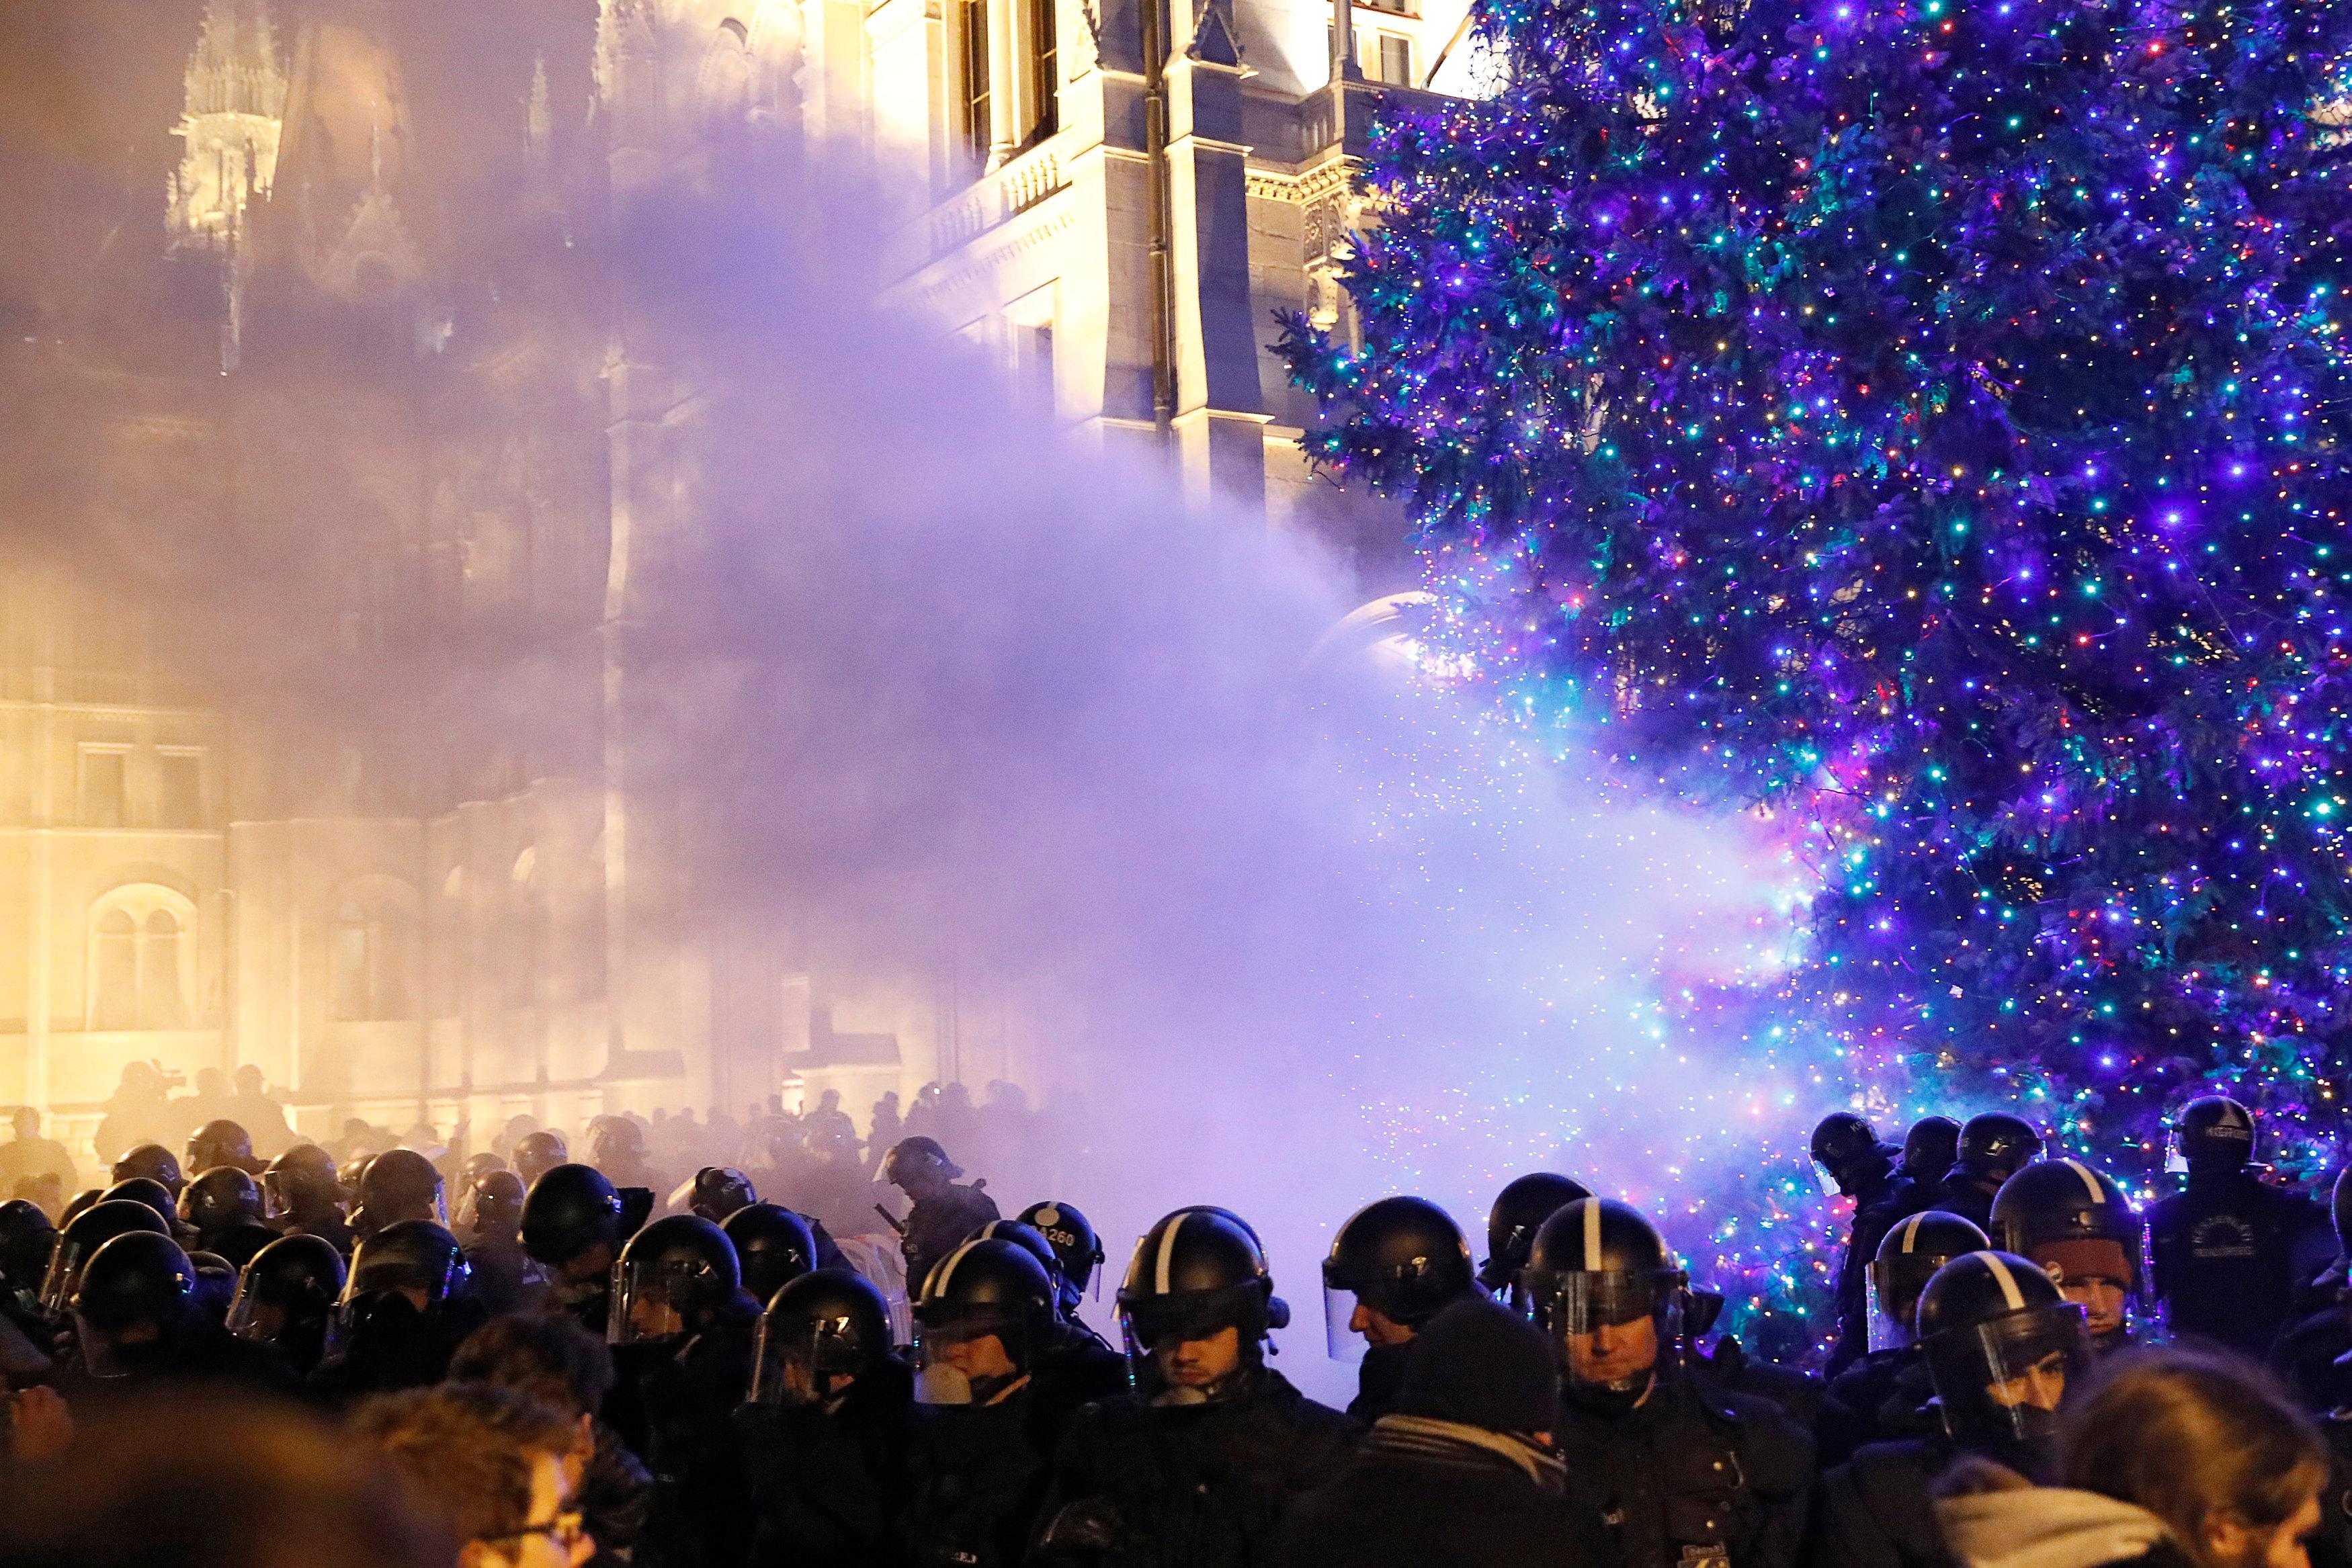 احتجاجات فى المجر ضد قانون العمل الجديد (7)